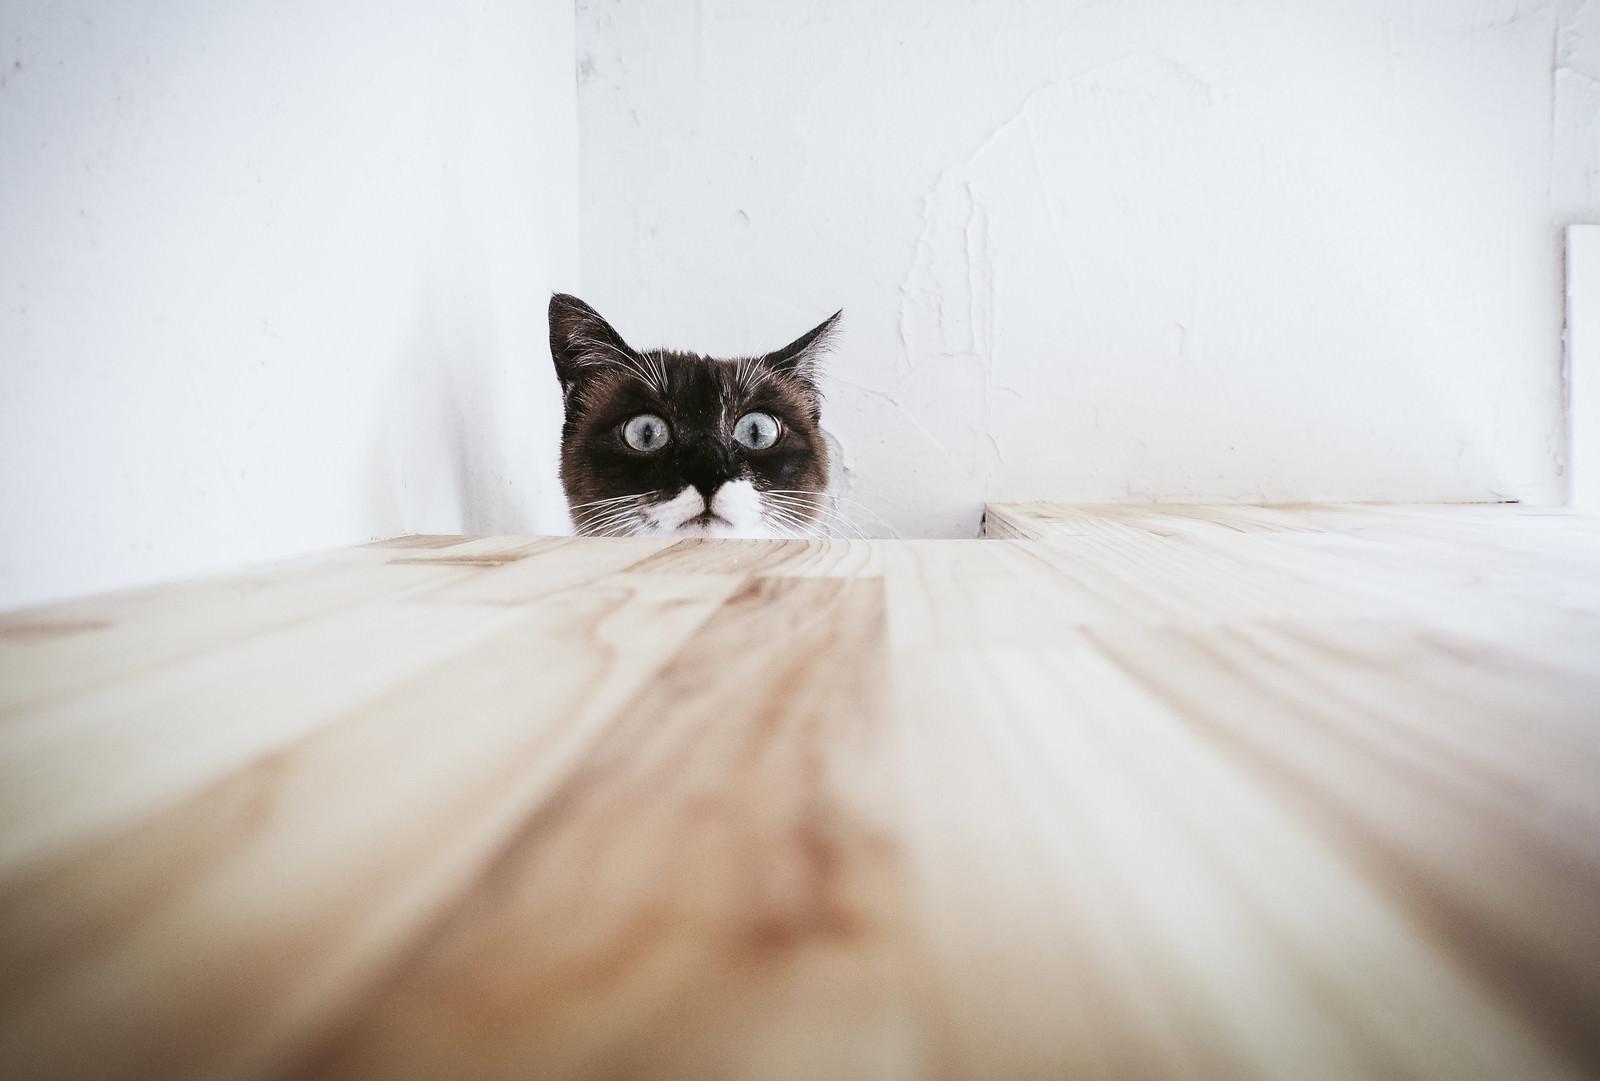 「恐る恐る上を覗き見るキャッツ」の写真